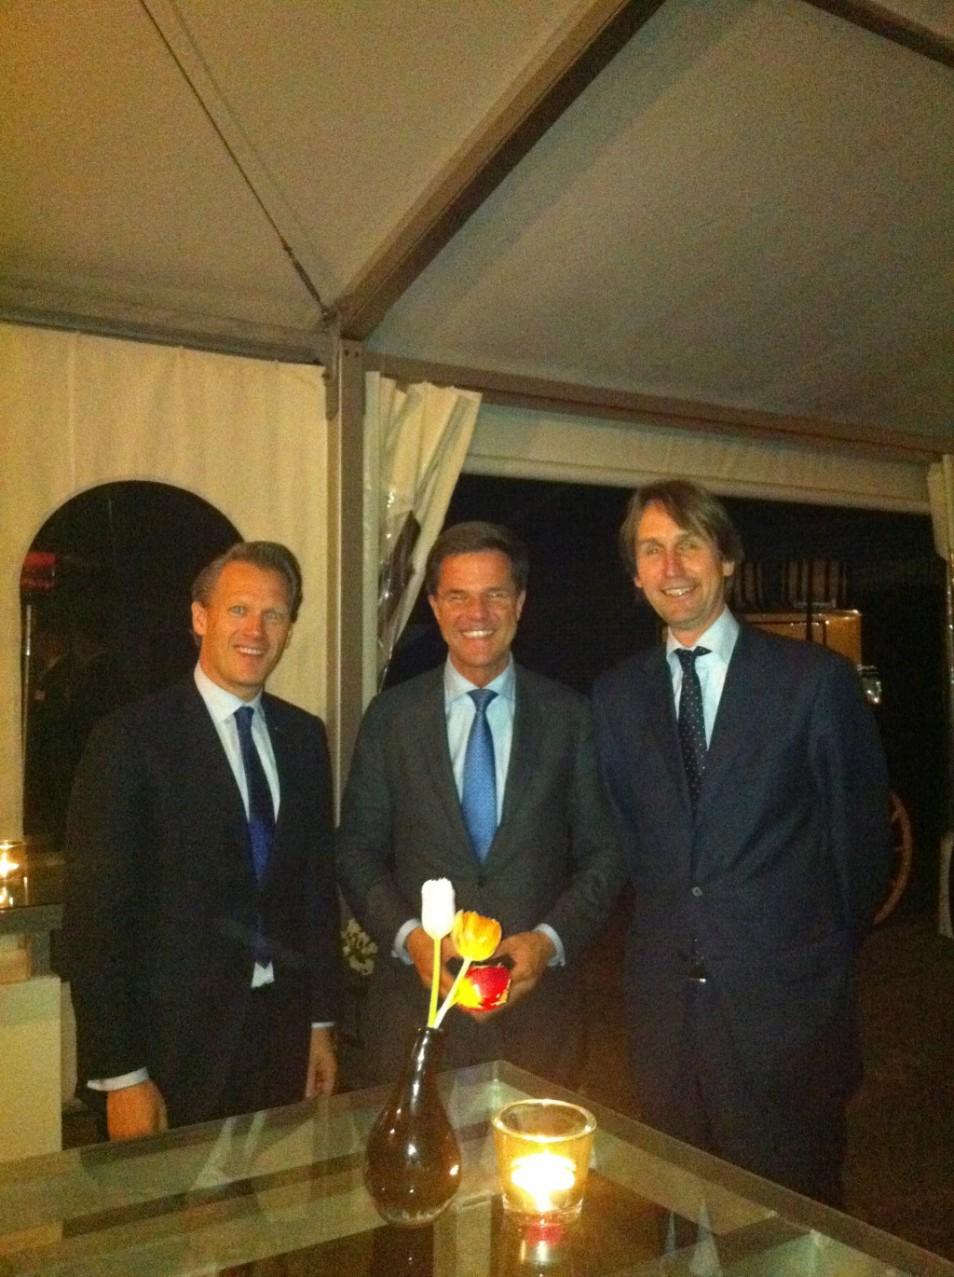 Ontmoeting met Mark Rutte in Beukelen bij een diner op het landgoed van Cor van Zadelhoff. Kees Noomen, links op de foto is een vriend en fractievoorzitter van de VVD in Amstelveen.